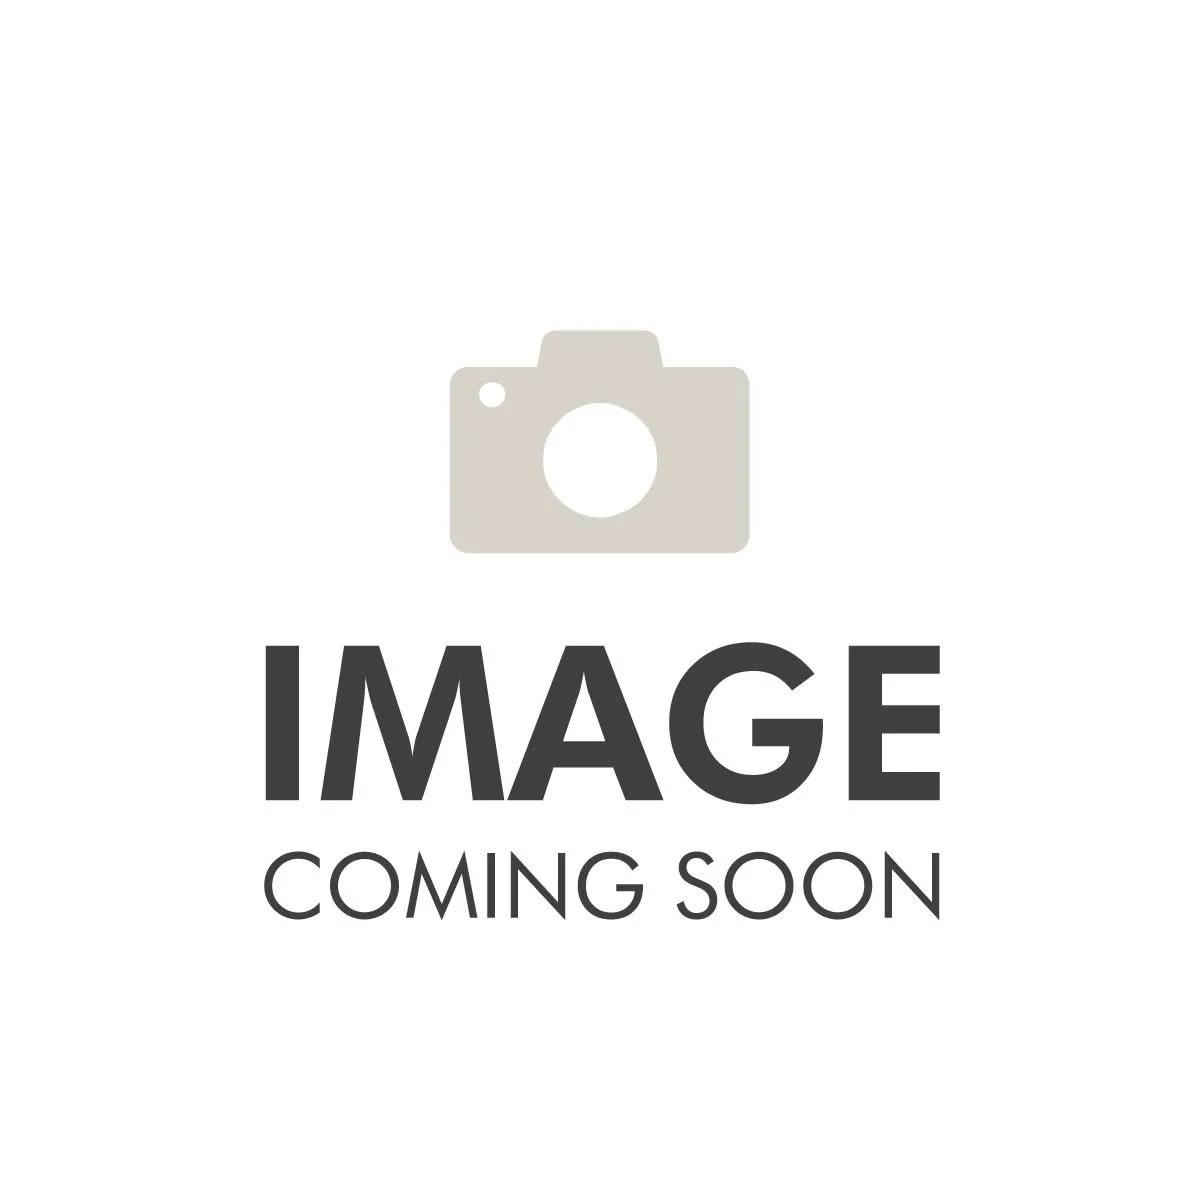 Carburetor Rebuild Kit, 134CI F-Head; 53-71 Willys/Jeep Models